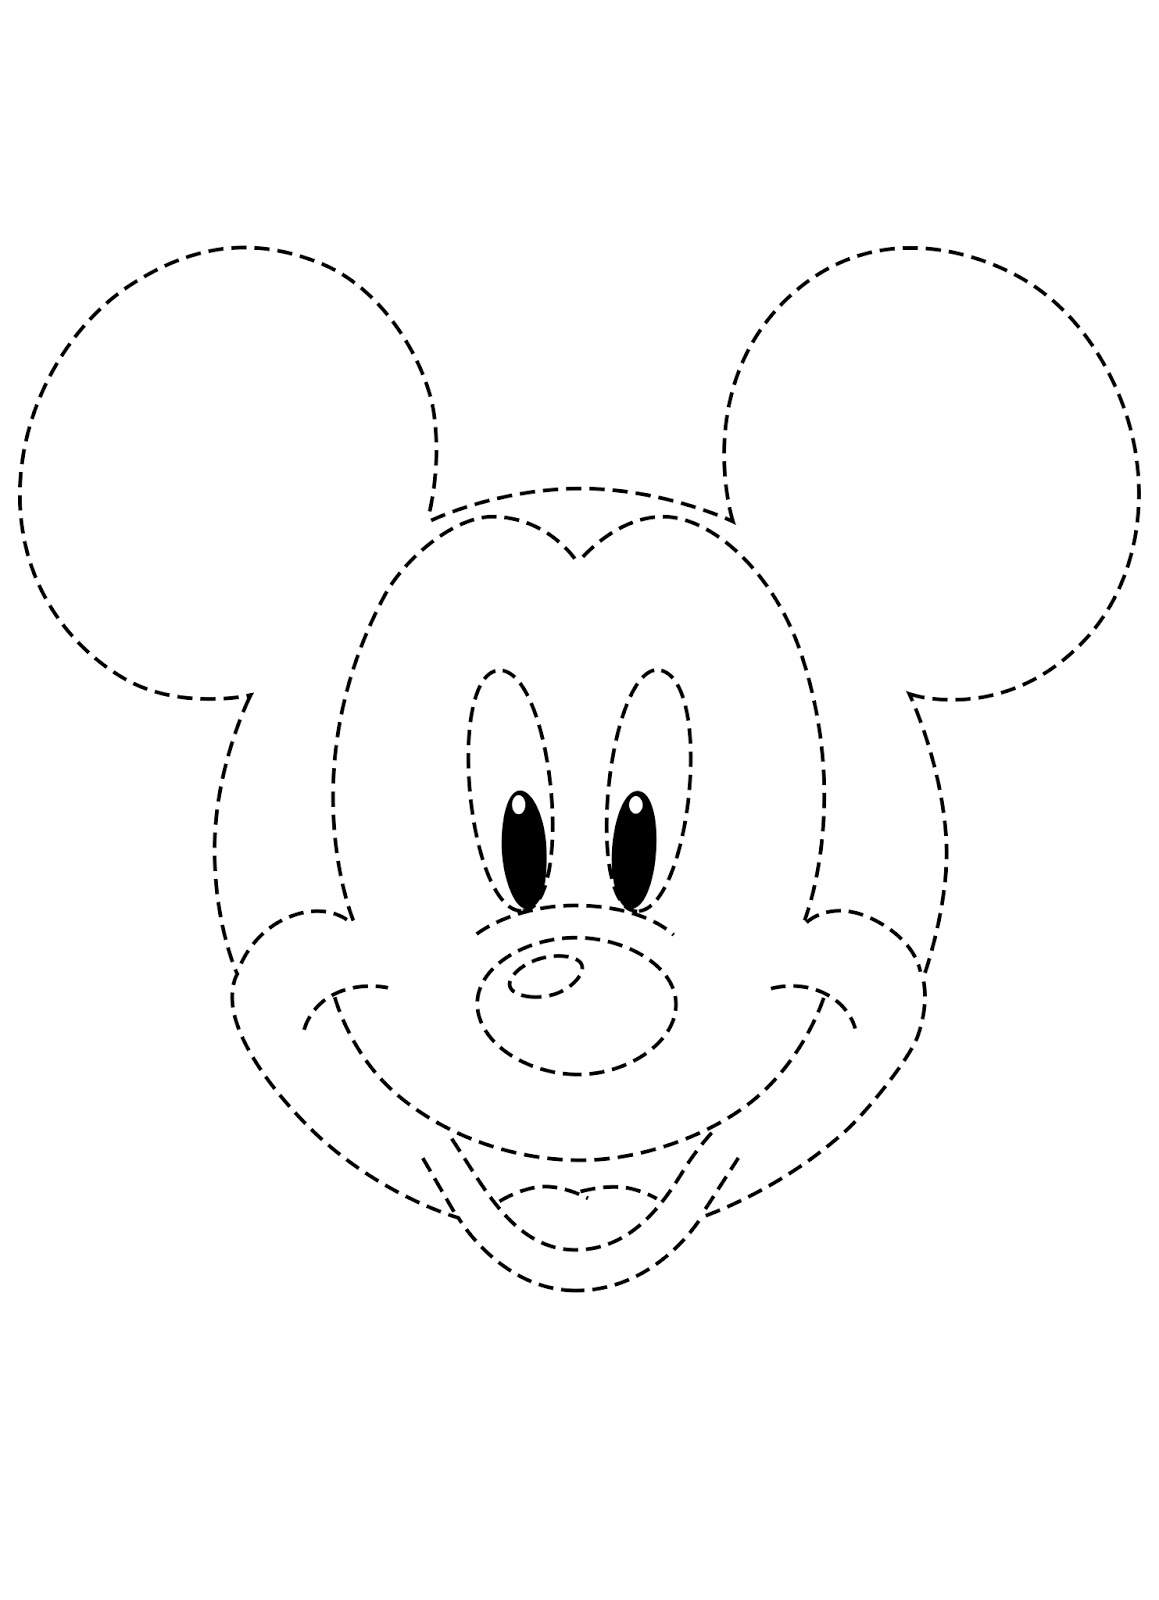 imagens para colorir pontilhado